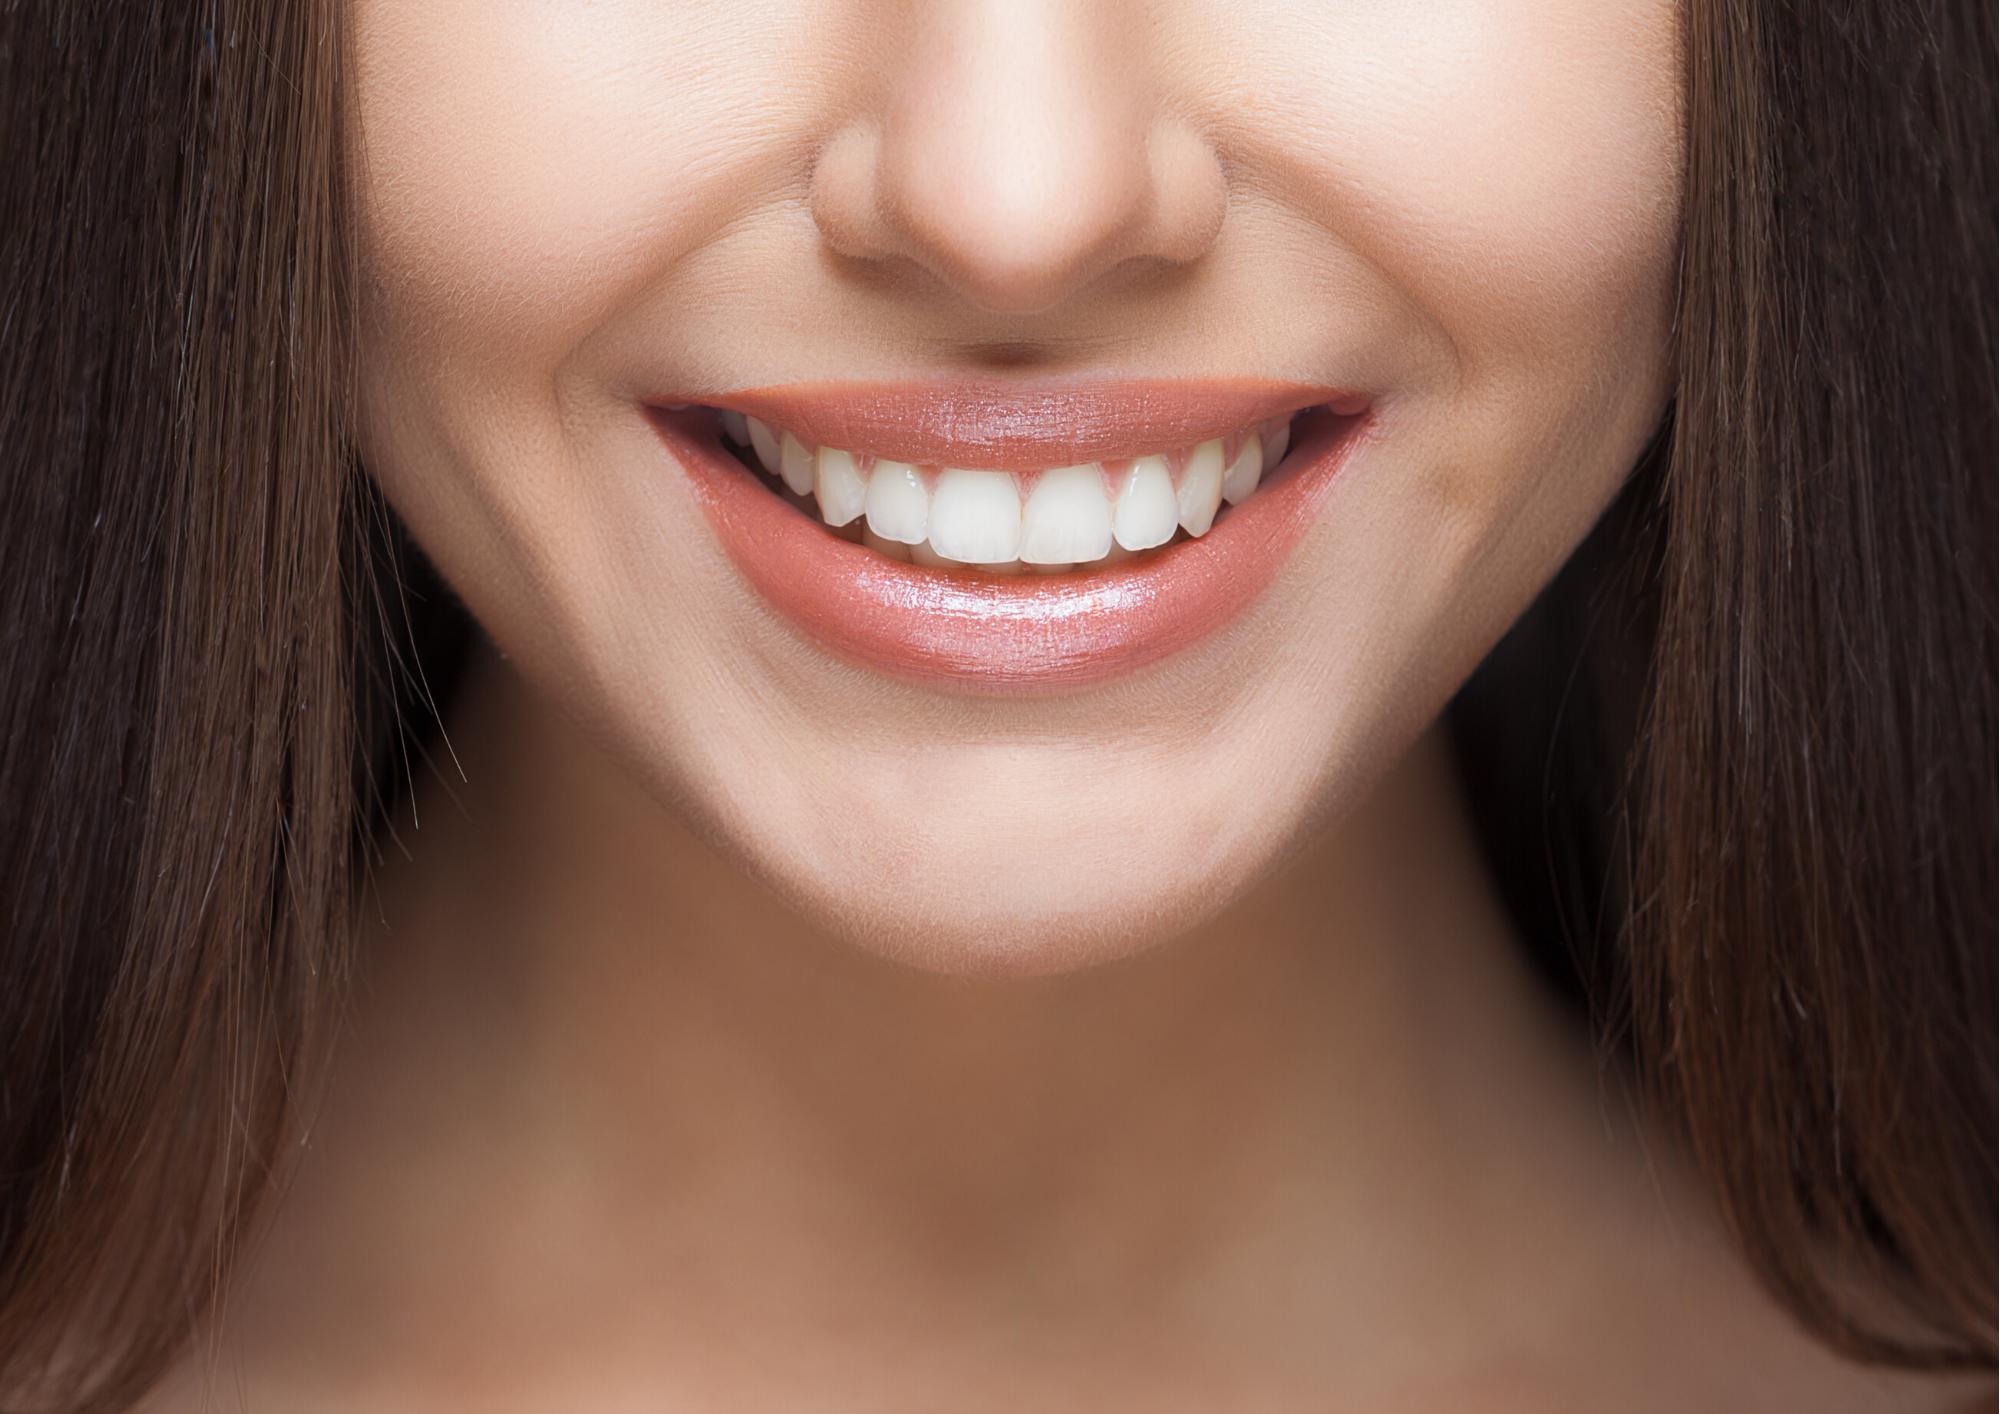 Limpieza dental y blanqueamiento dental en dental soler